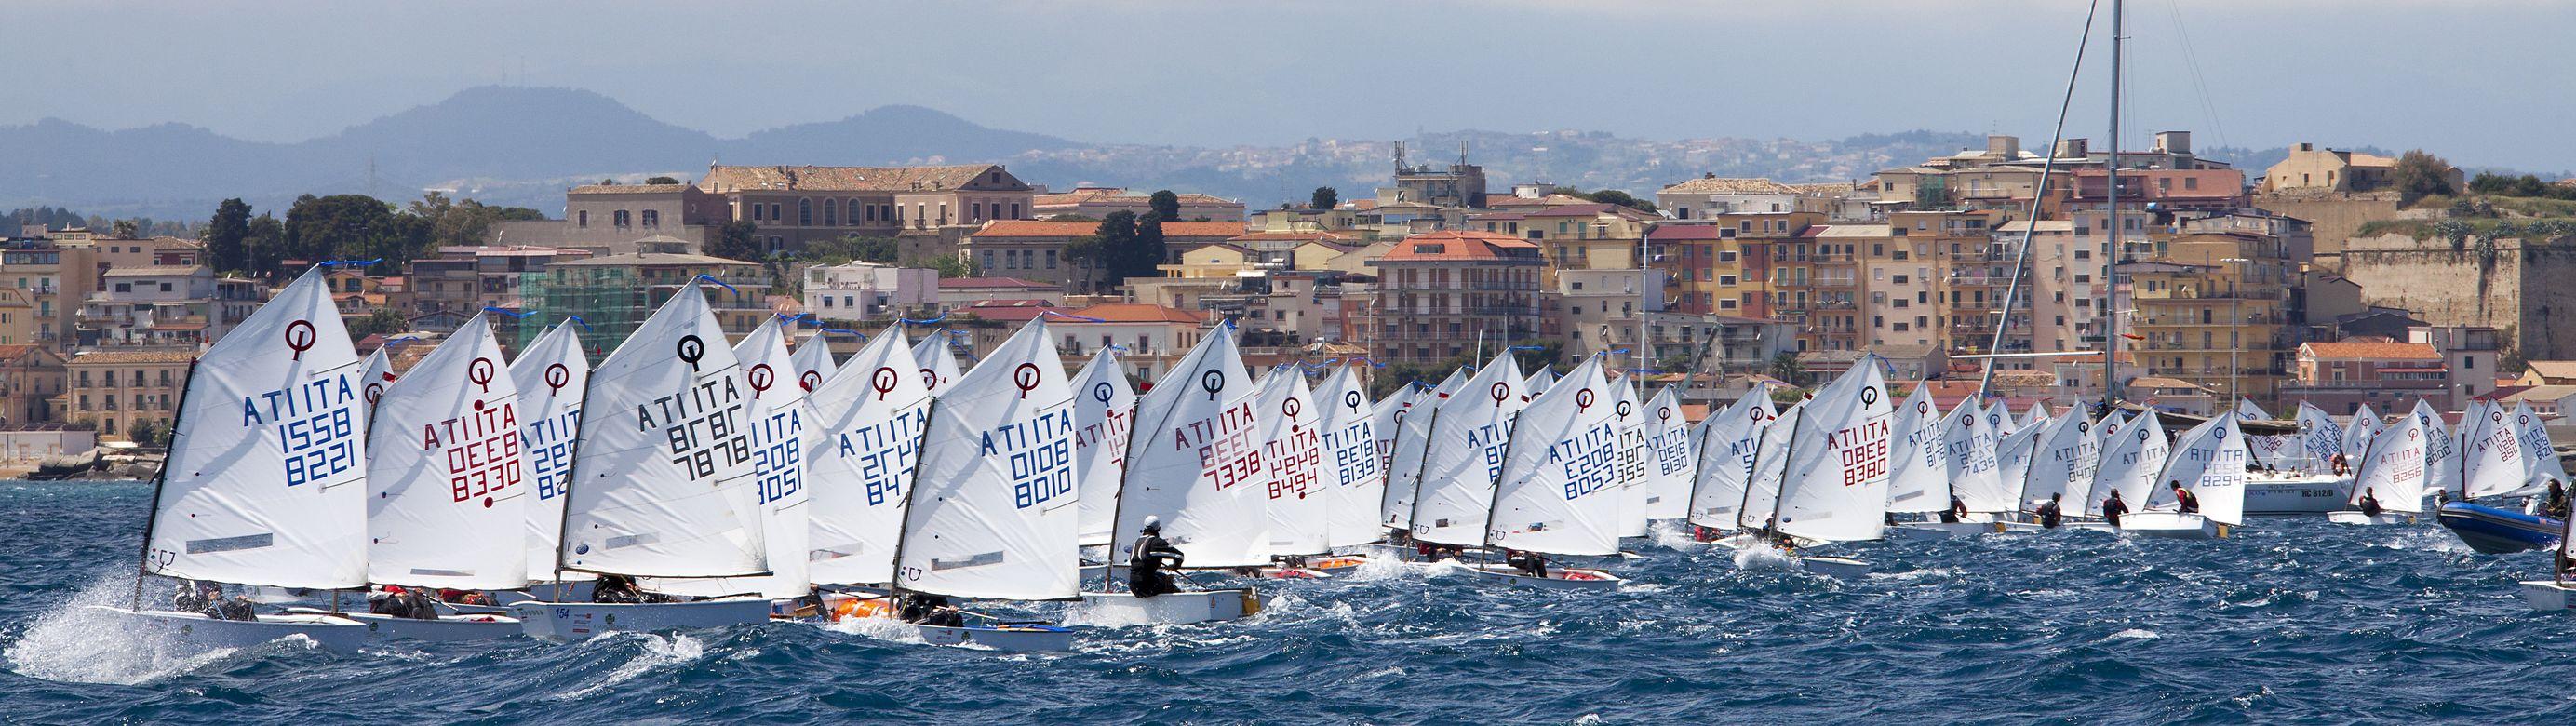 Club-Velico-Crotone-Selezione-Nazionale-Optimist-2014-12